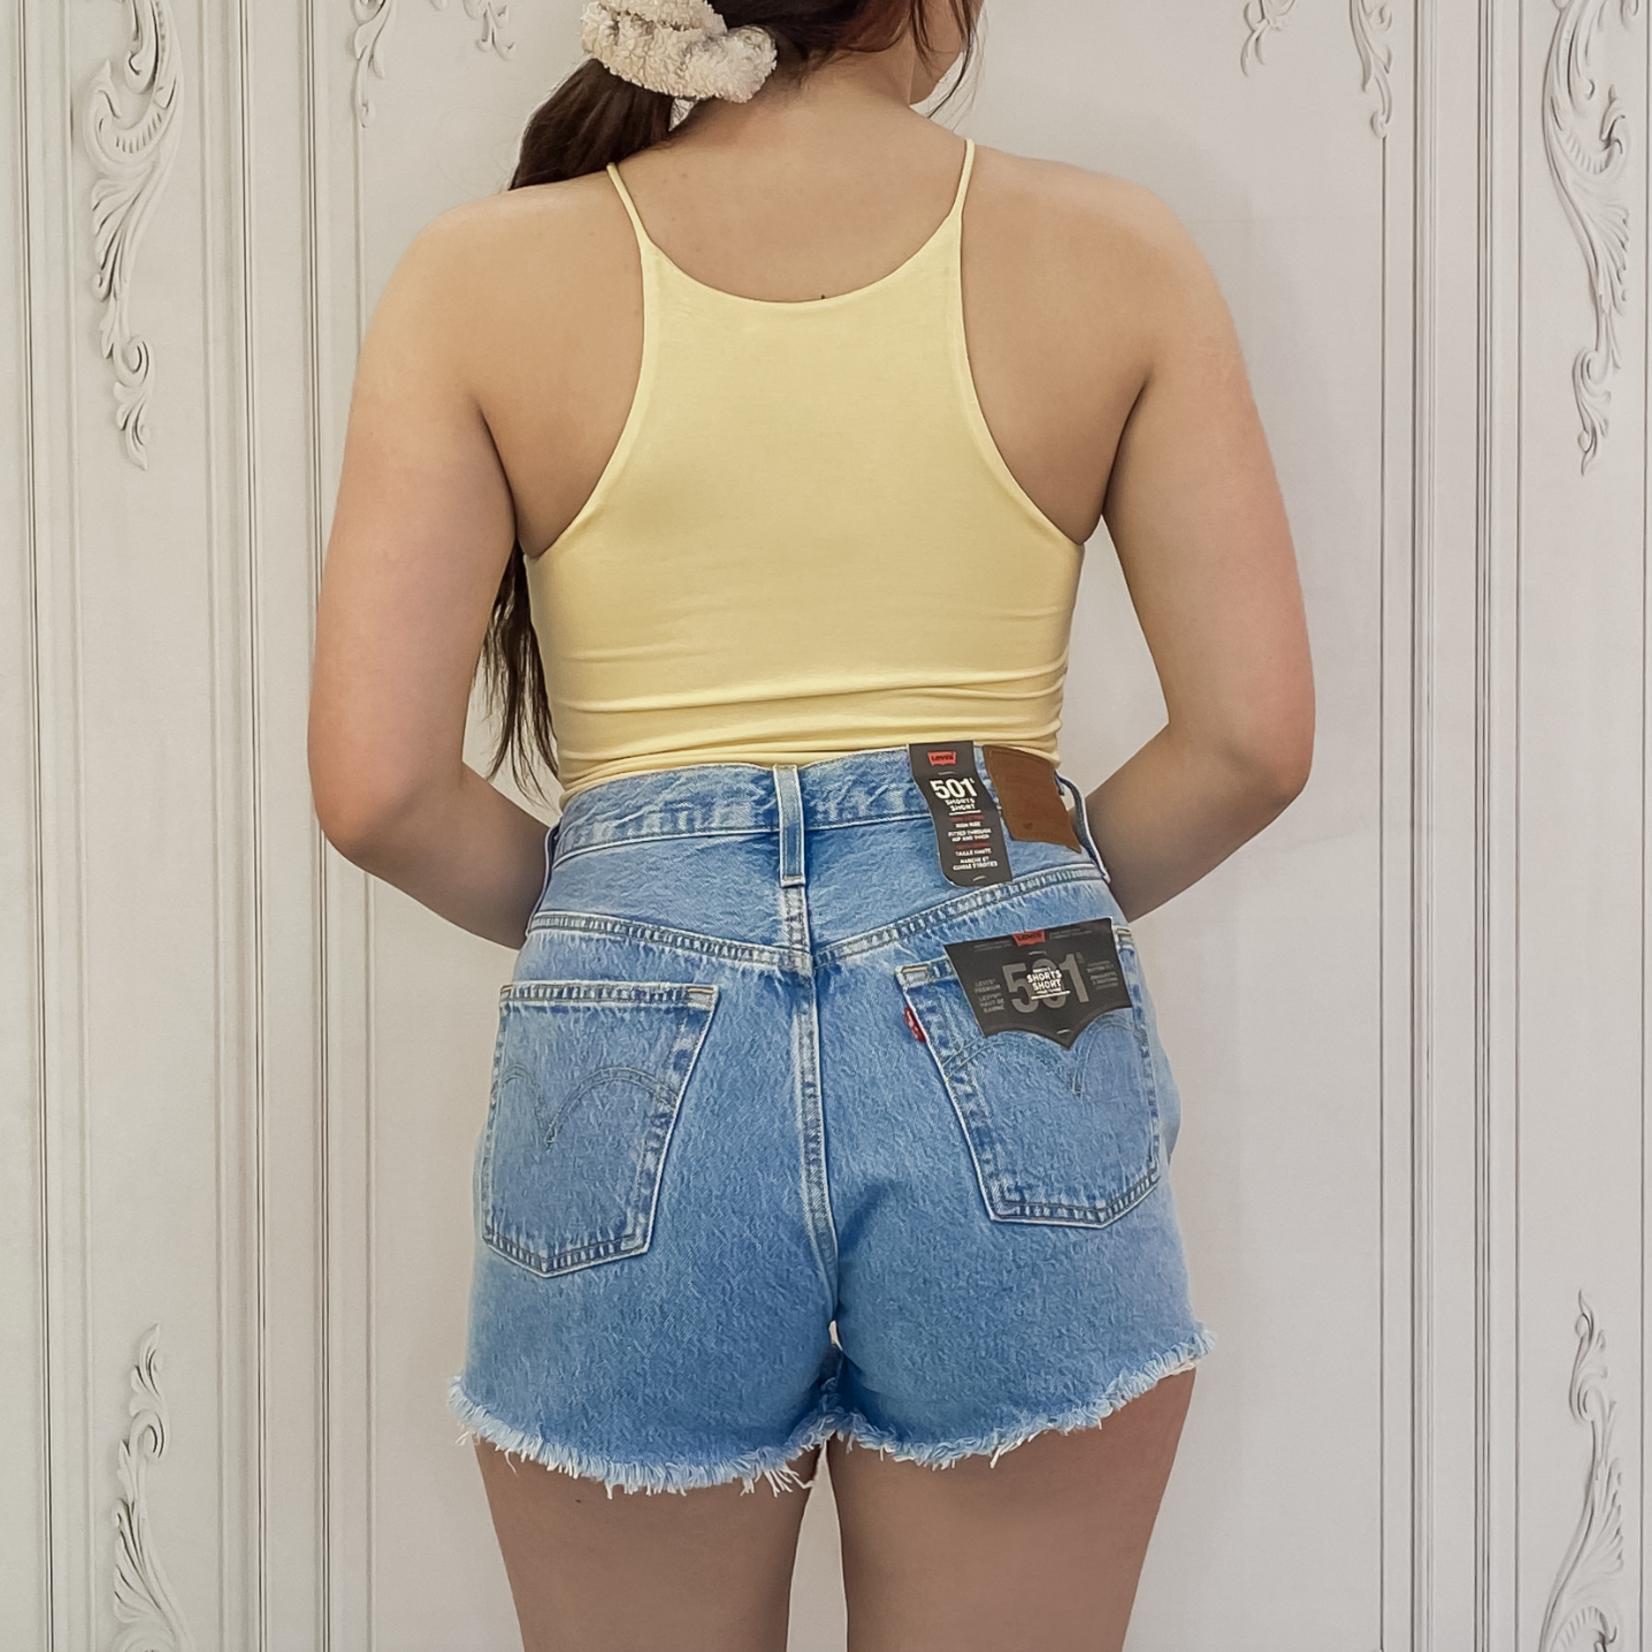 Wonda halter bodysuit